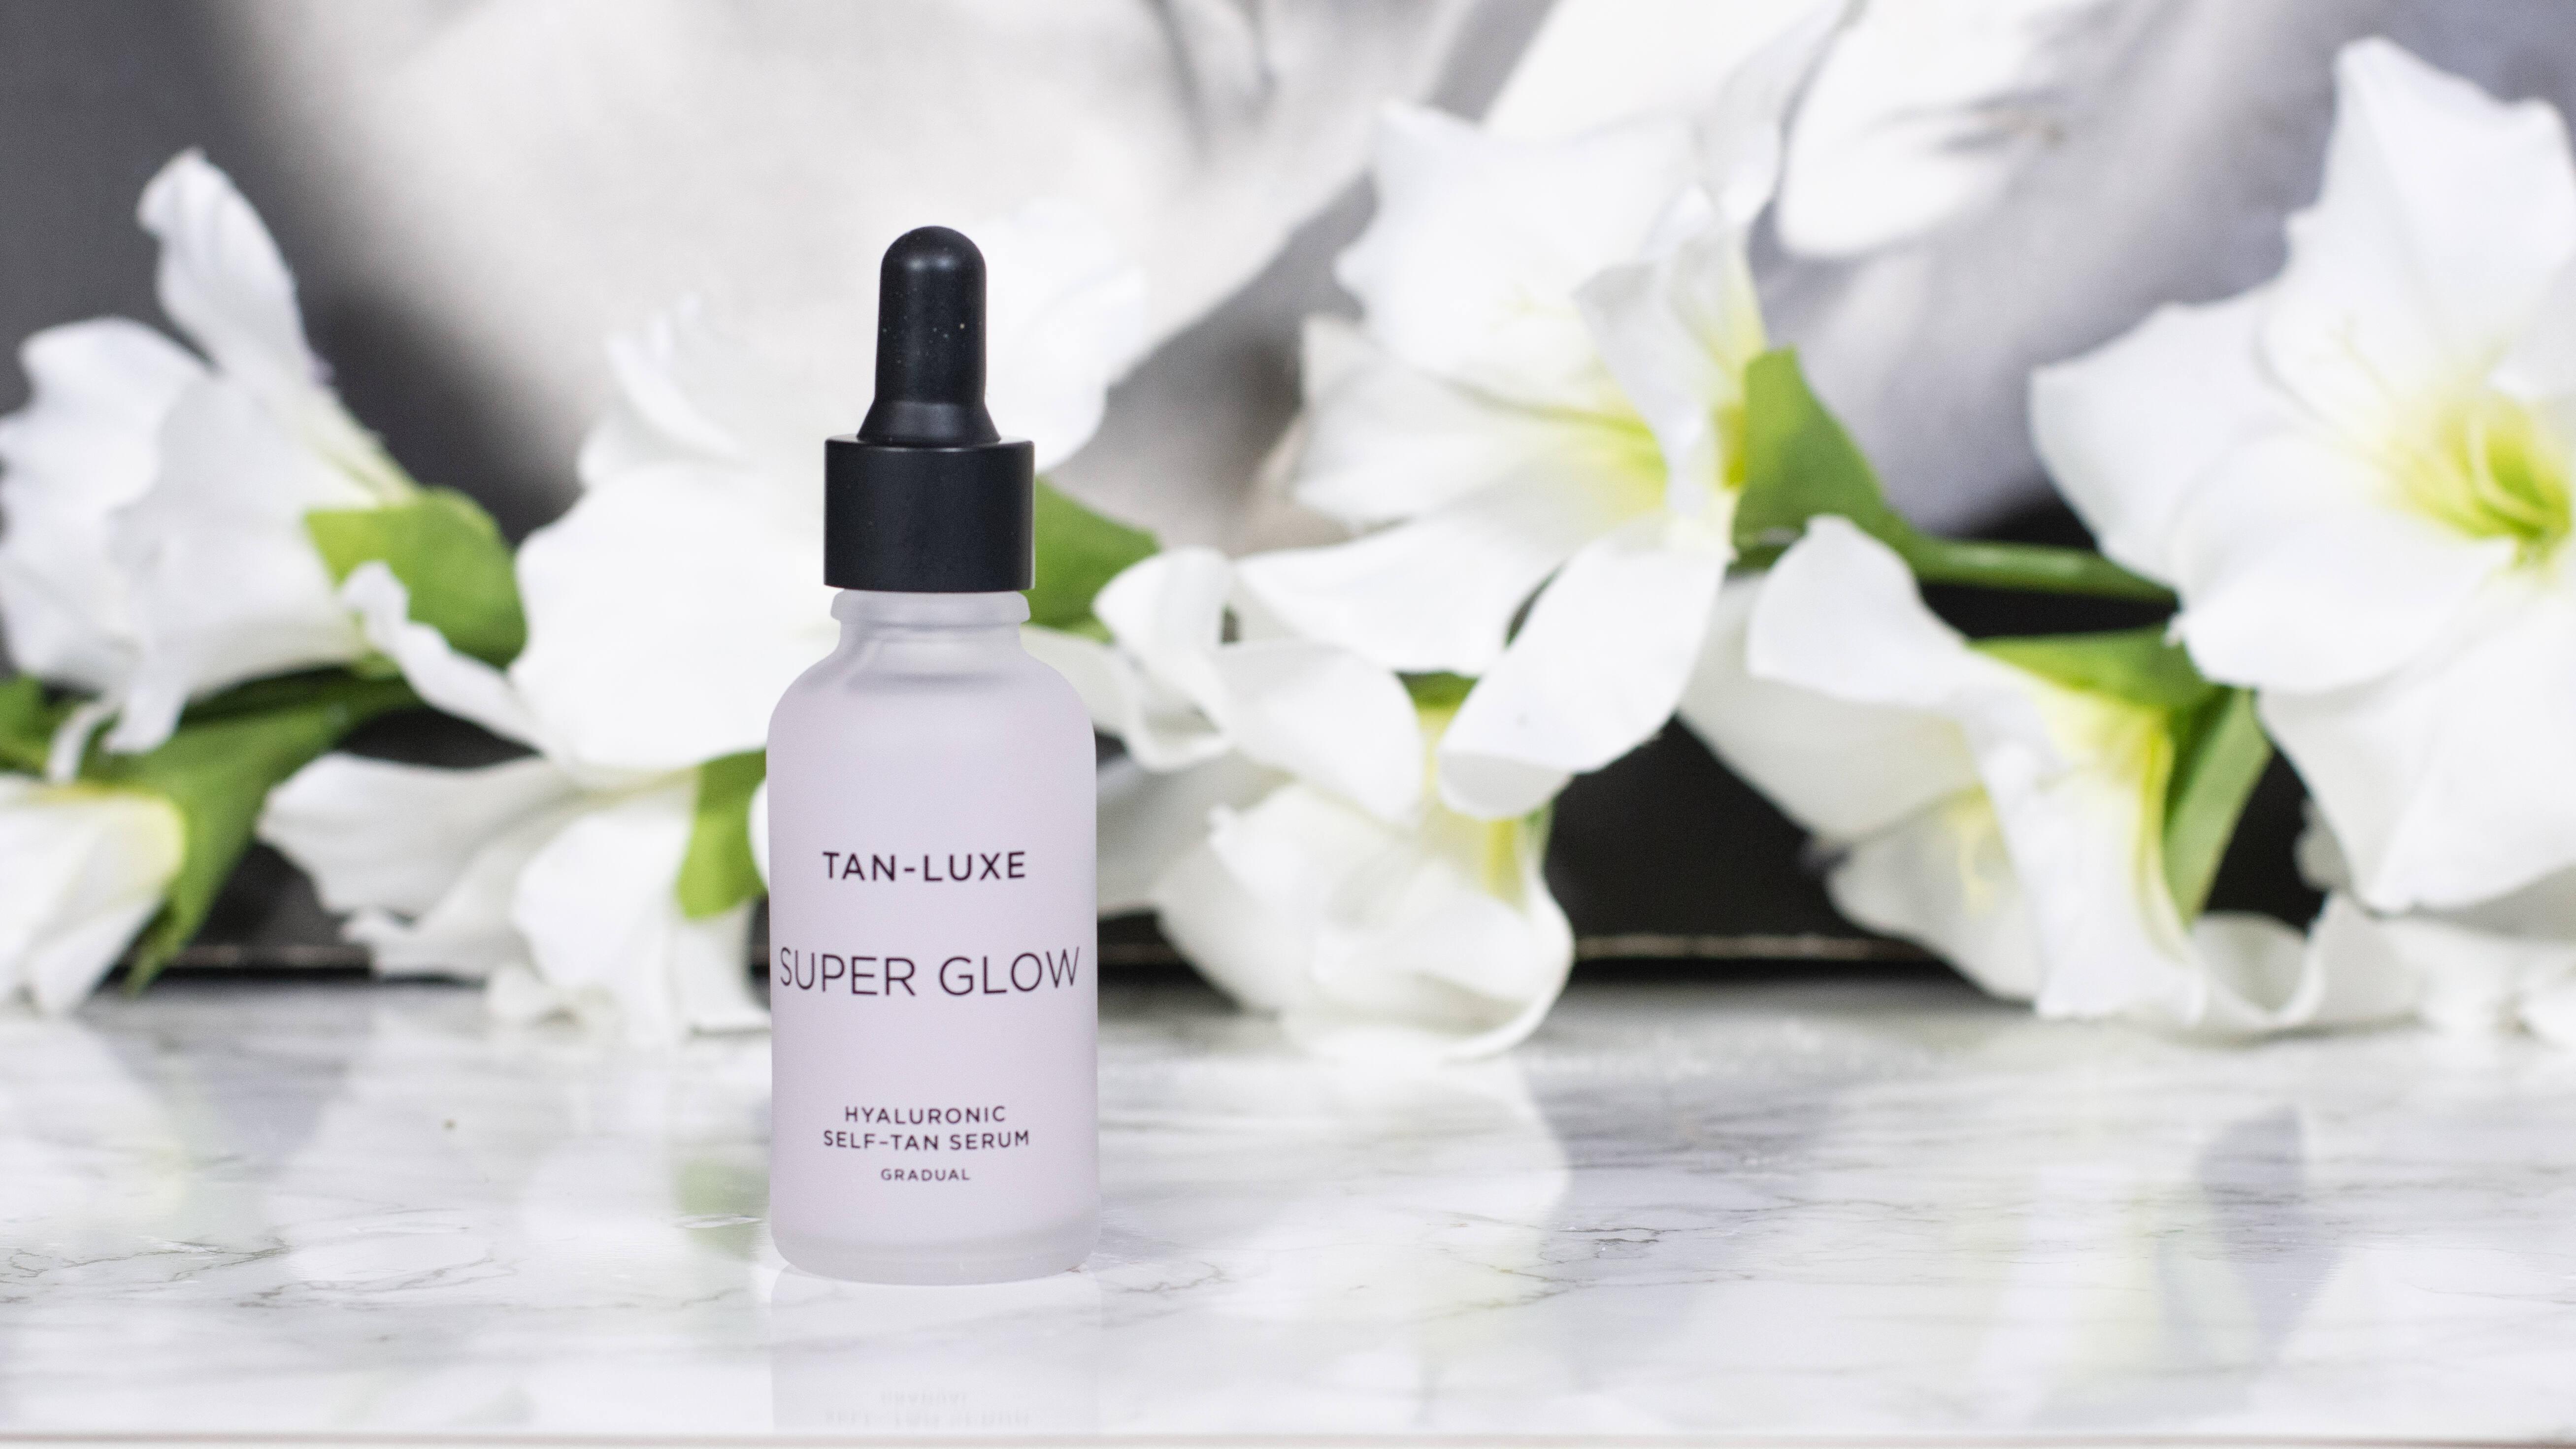 Tan-Luxe Super Glow Hyaluronic Self Tan Serum